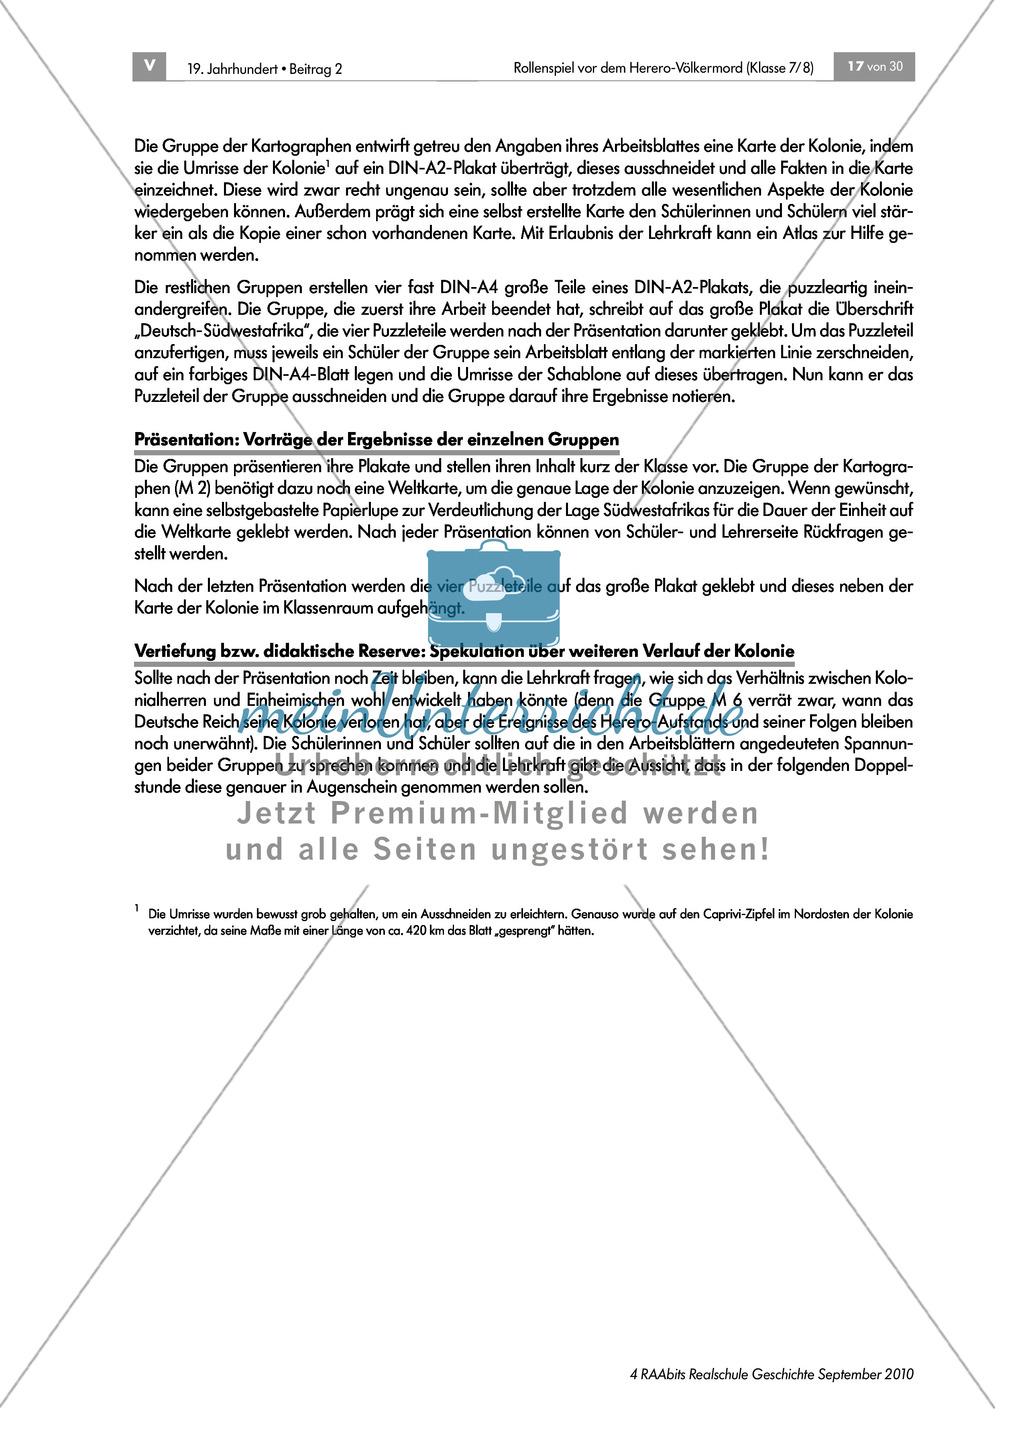 Deutsche Kolonialherren und afrikanische Ureinwohner: Die Geschichte der Kolonie Deutsch-Südwestafrika in Gruppen erarbeiten und als Puzzle zusammensetzen und präsentieren Preview 7